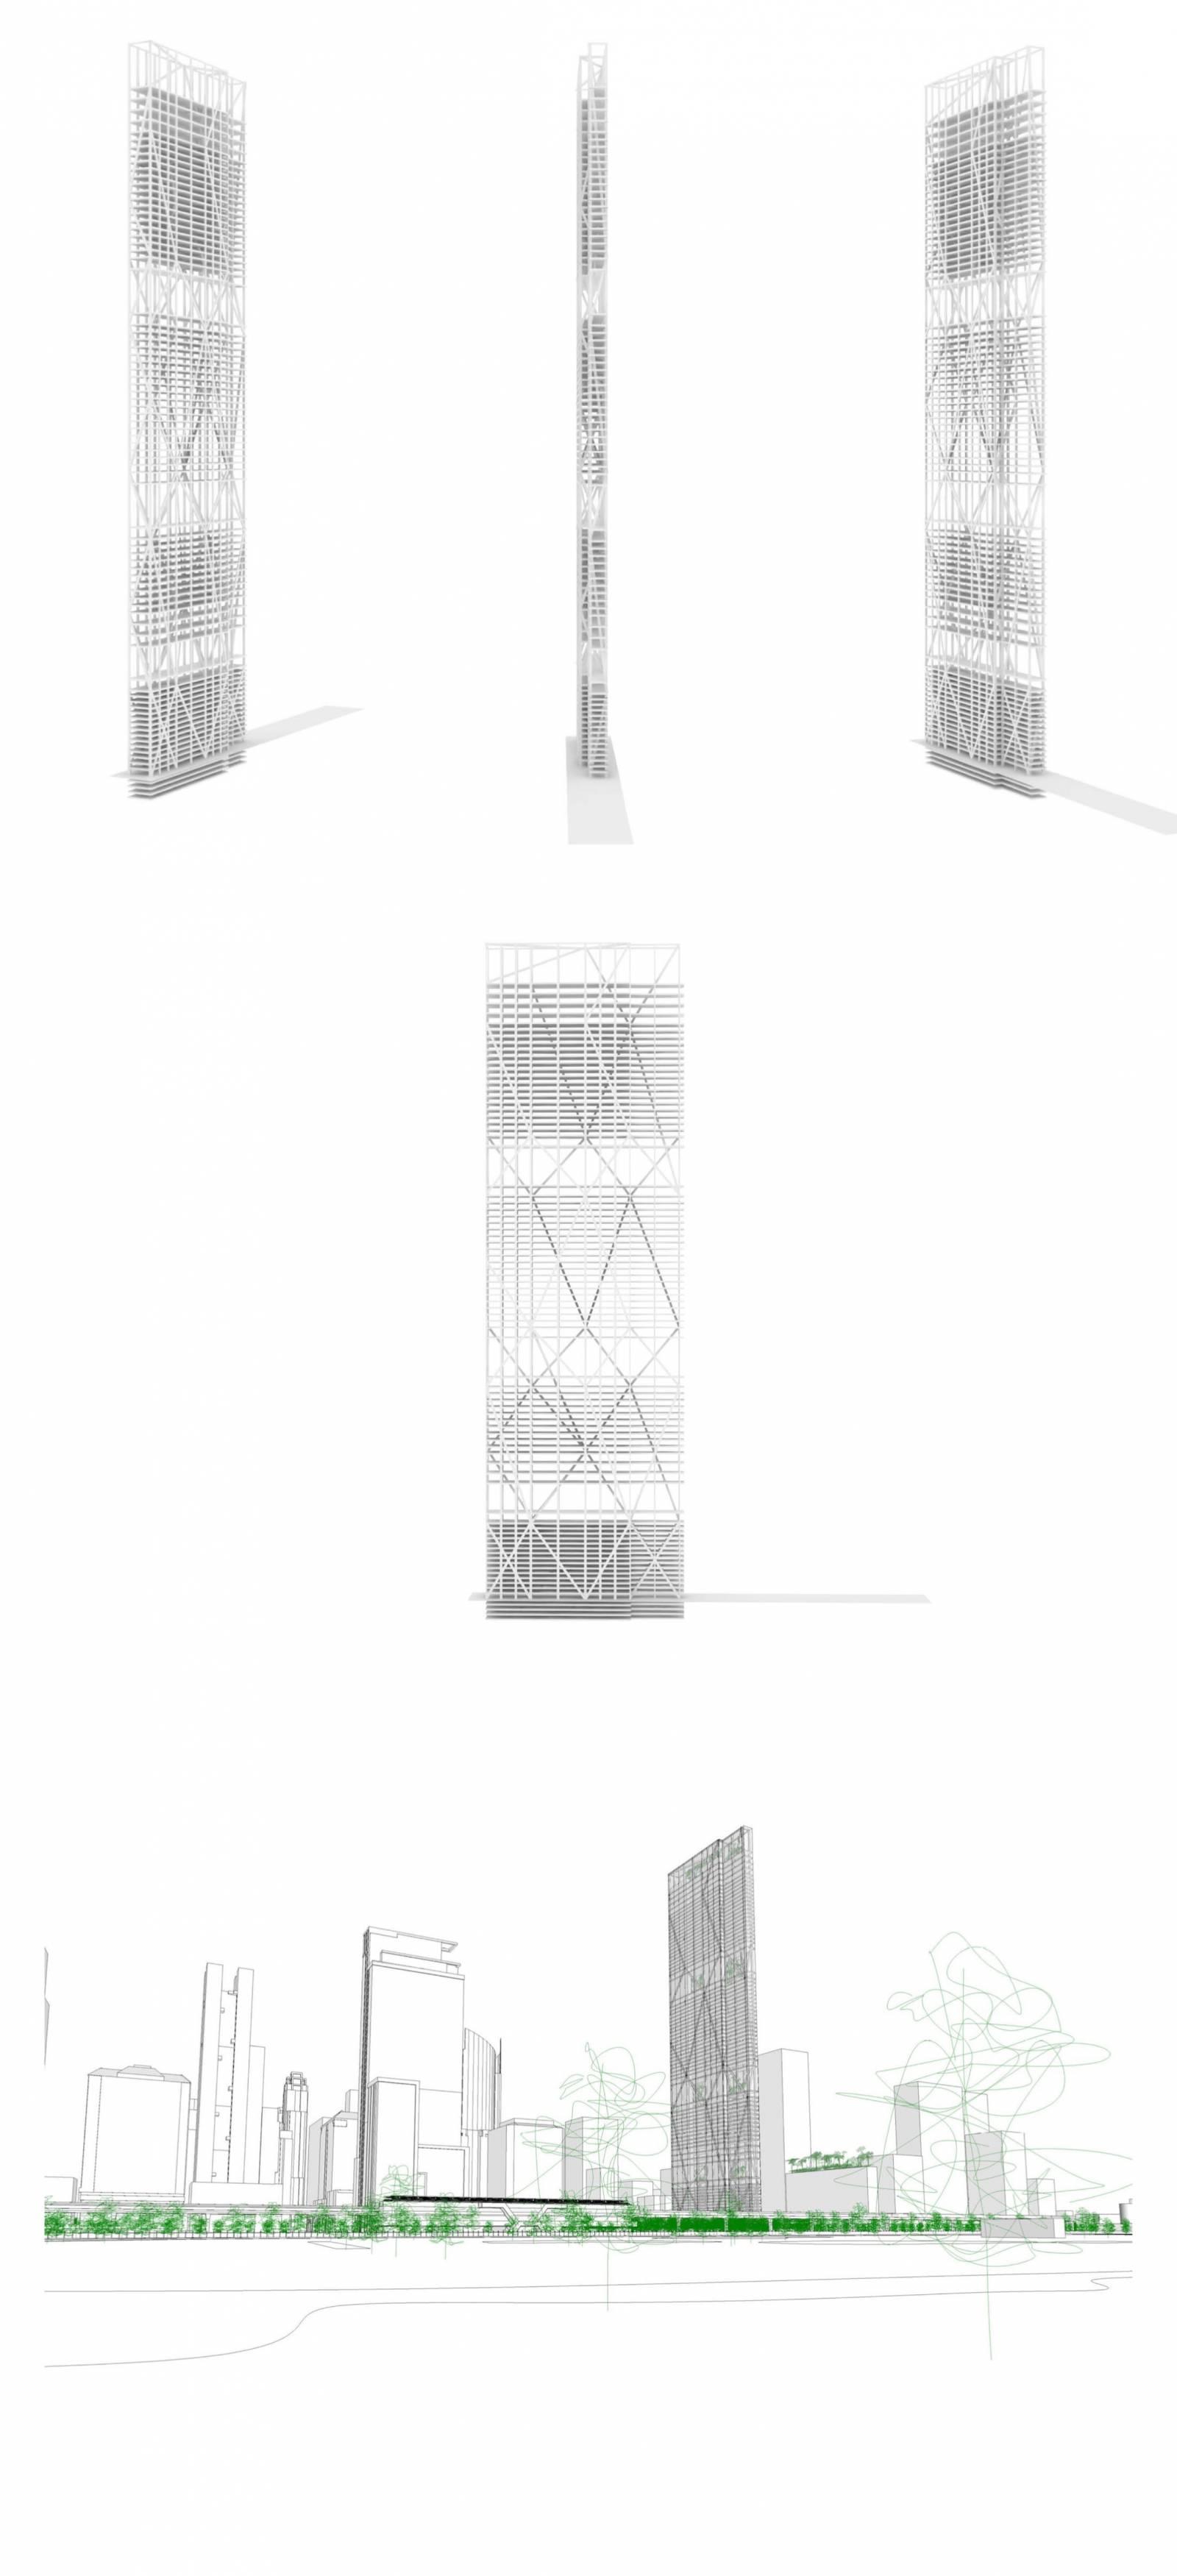 Ateliers jean nouvel for Architecture du paysage